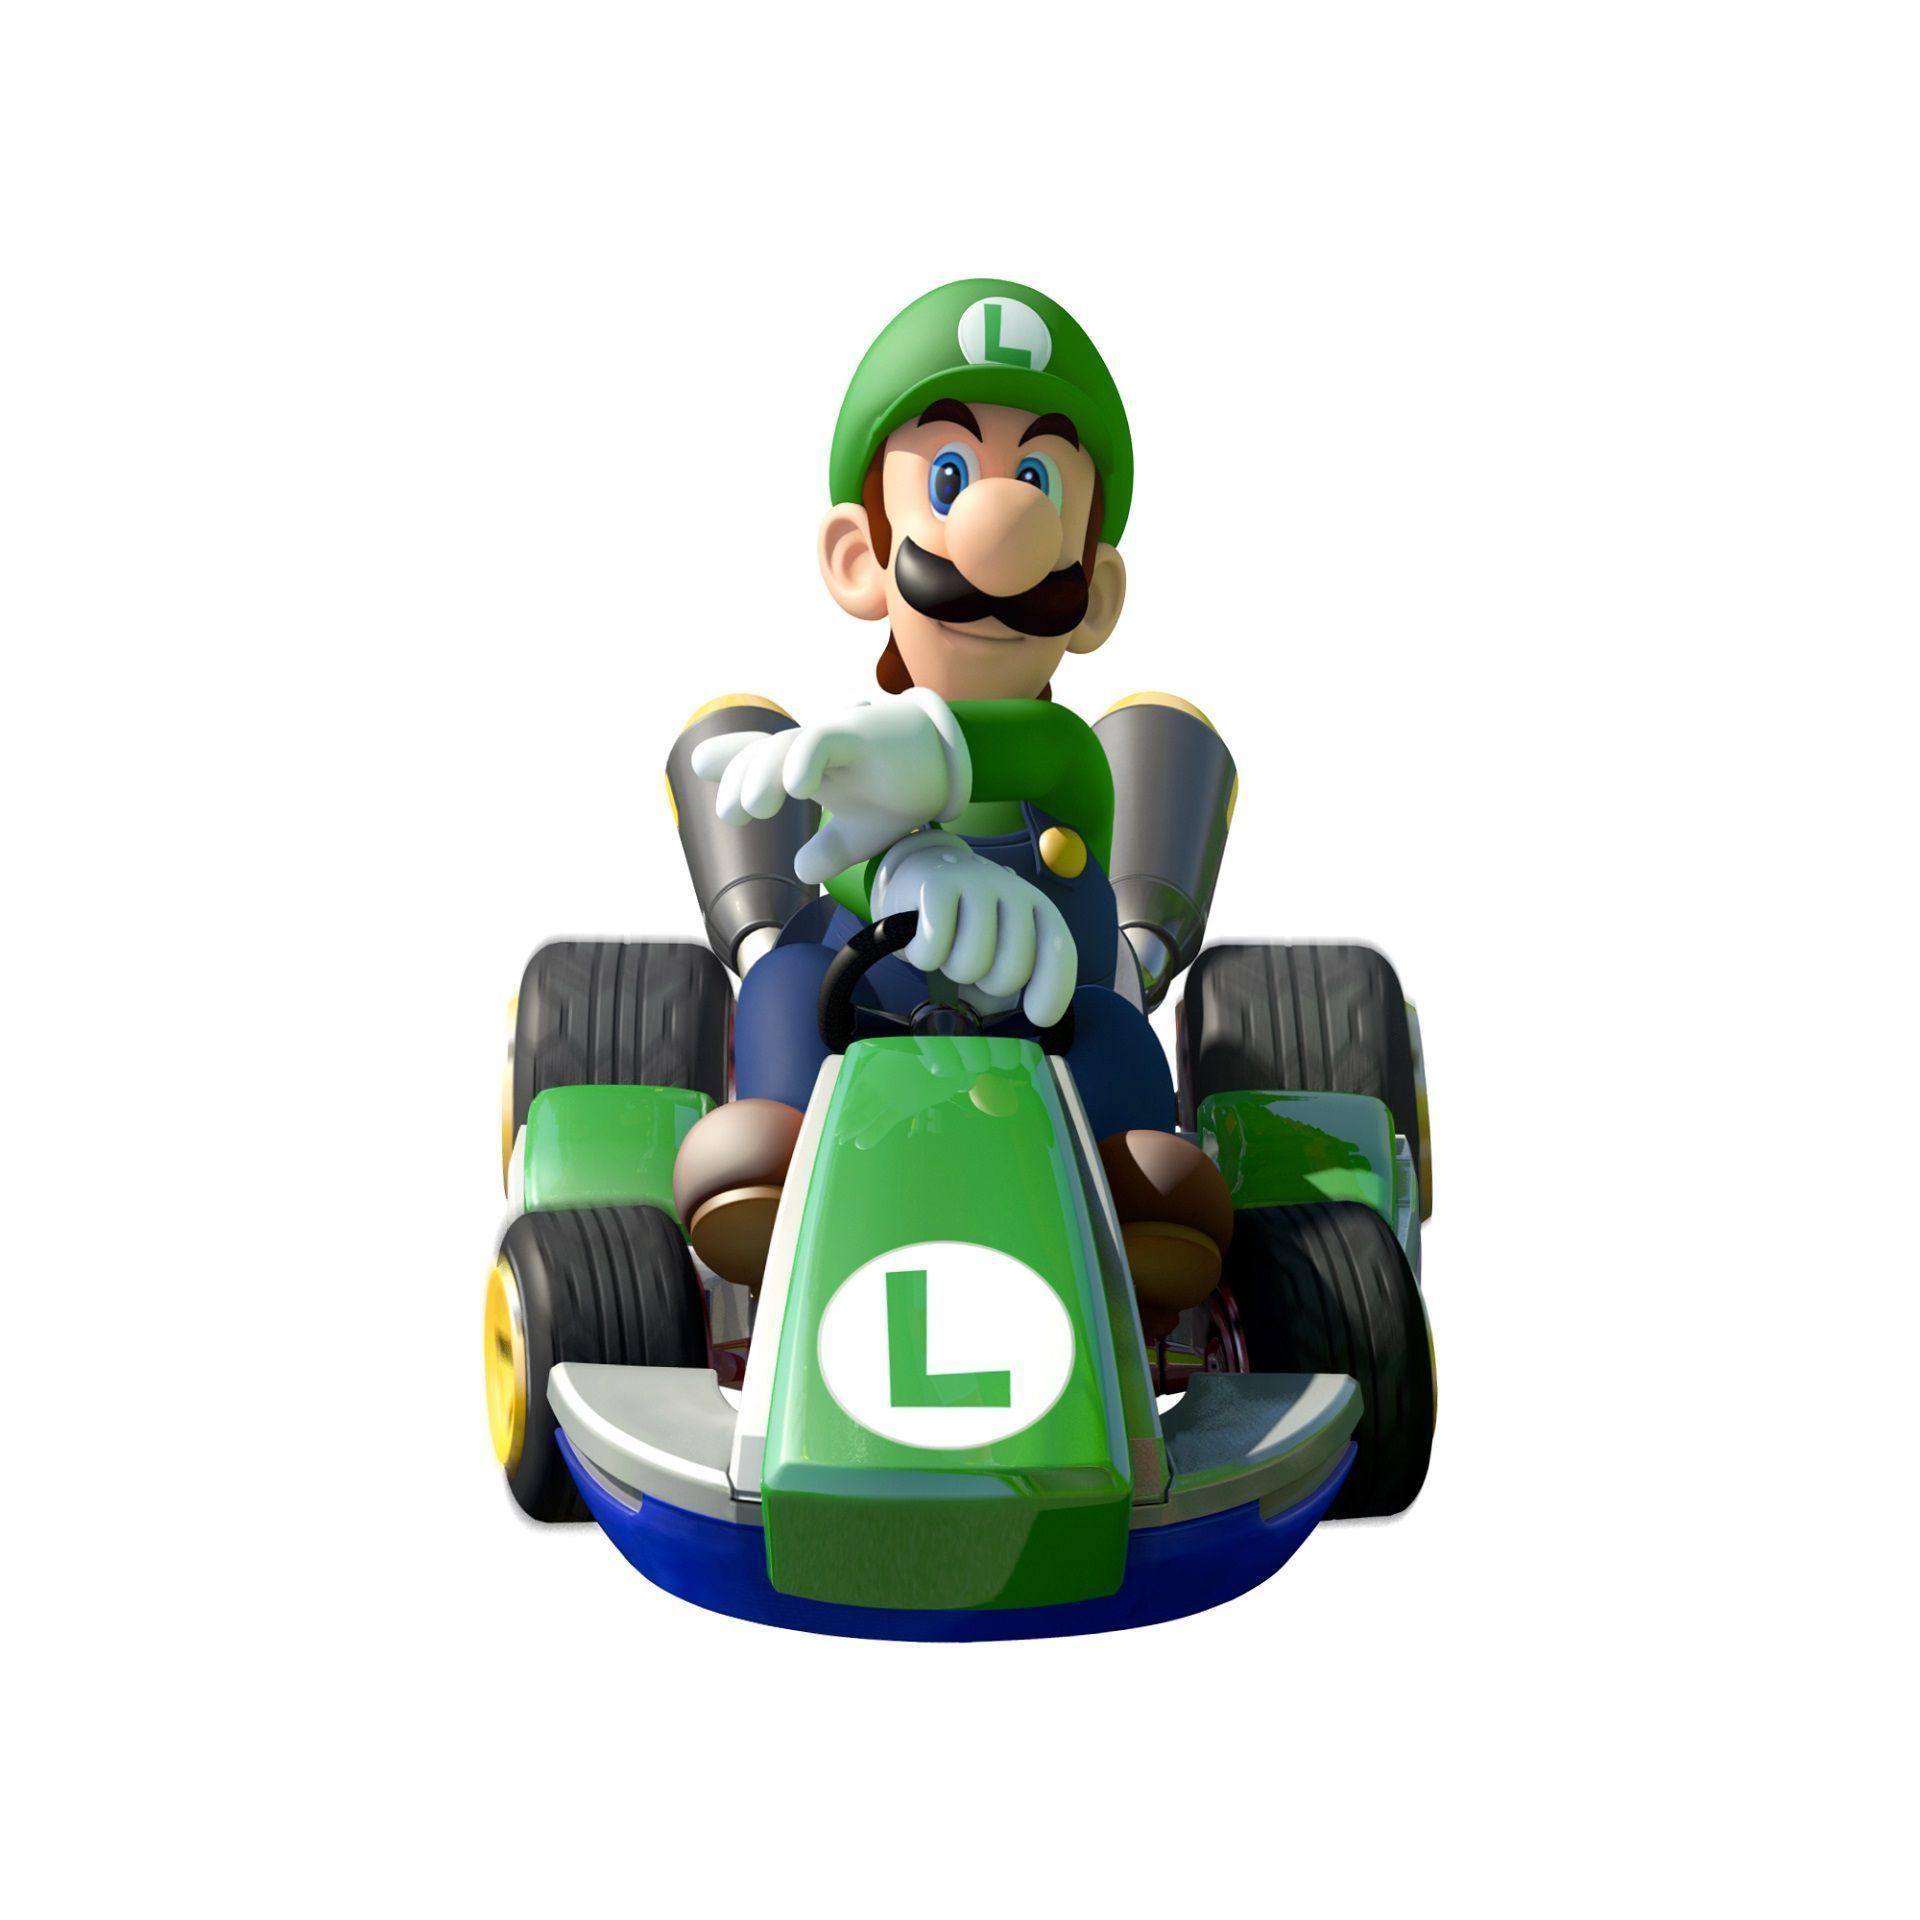 Luigi / Mario Kart 8 / Nintendo WiiU #MarioKart8 #WiiU #NintendoWiiU ...